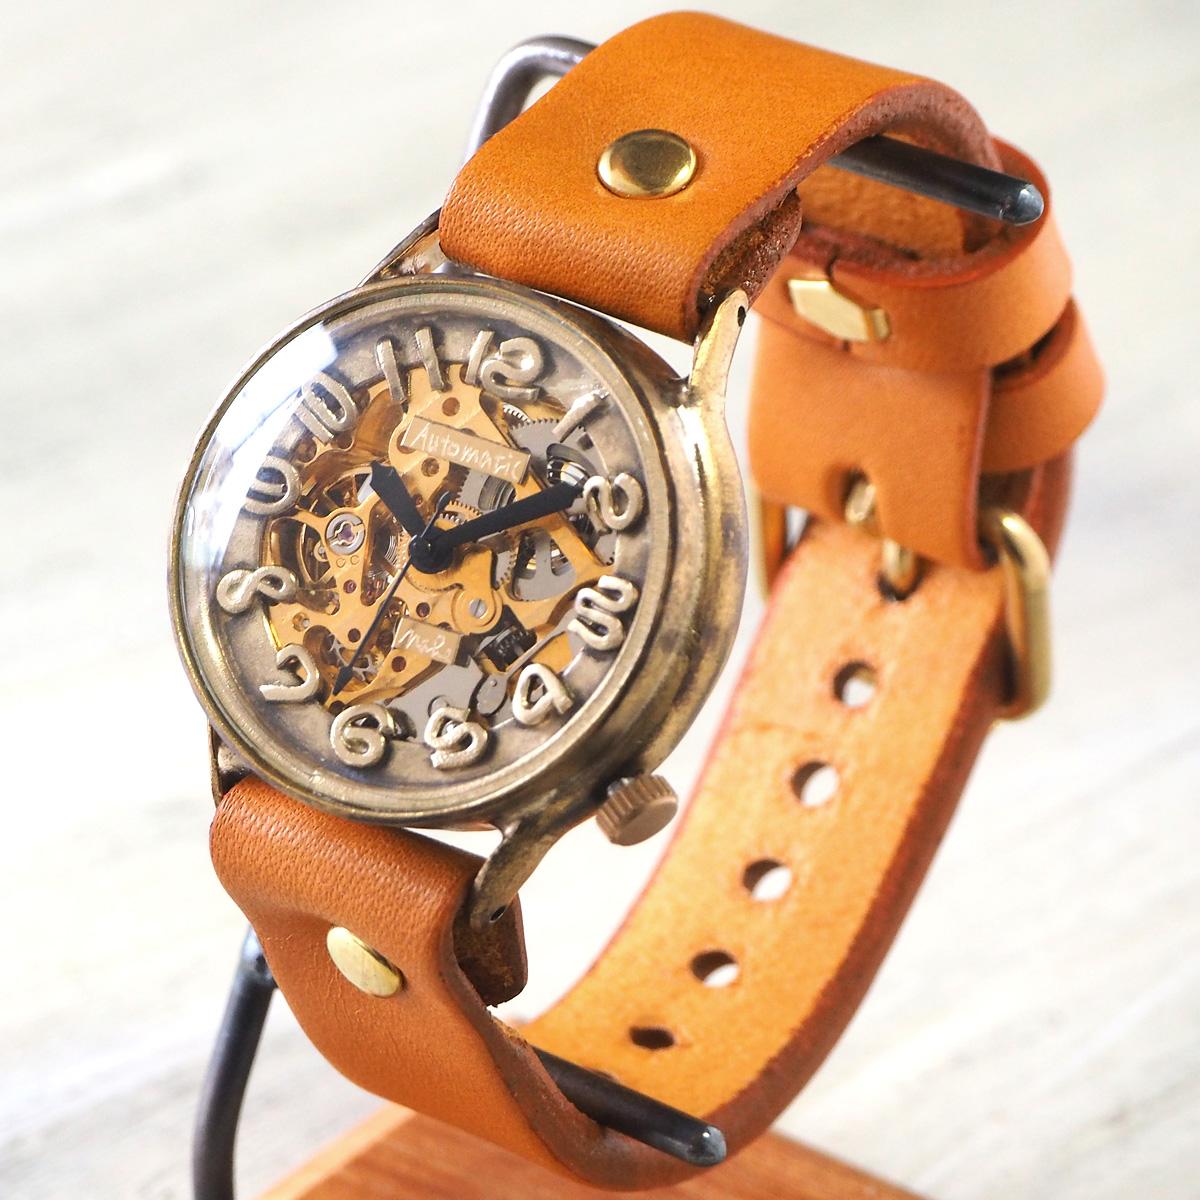 渡辺工房 手作り腕時計 自動巻き 裏スケルトン ジャンボブラス ノーマルベルト [NW-BAM025] 時計作家 渡辺正明 ハンドメイドウォッチ 手作り時計 ハンドメイド腕時計 真鍮 アナログ レトロ アンティーク調 日本製 刻印・名入れ無料